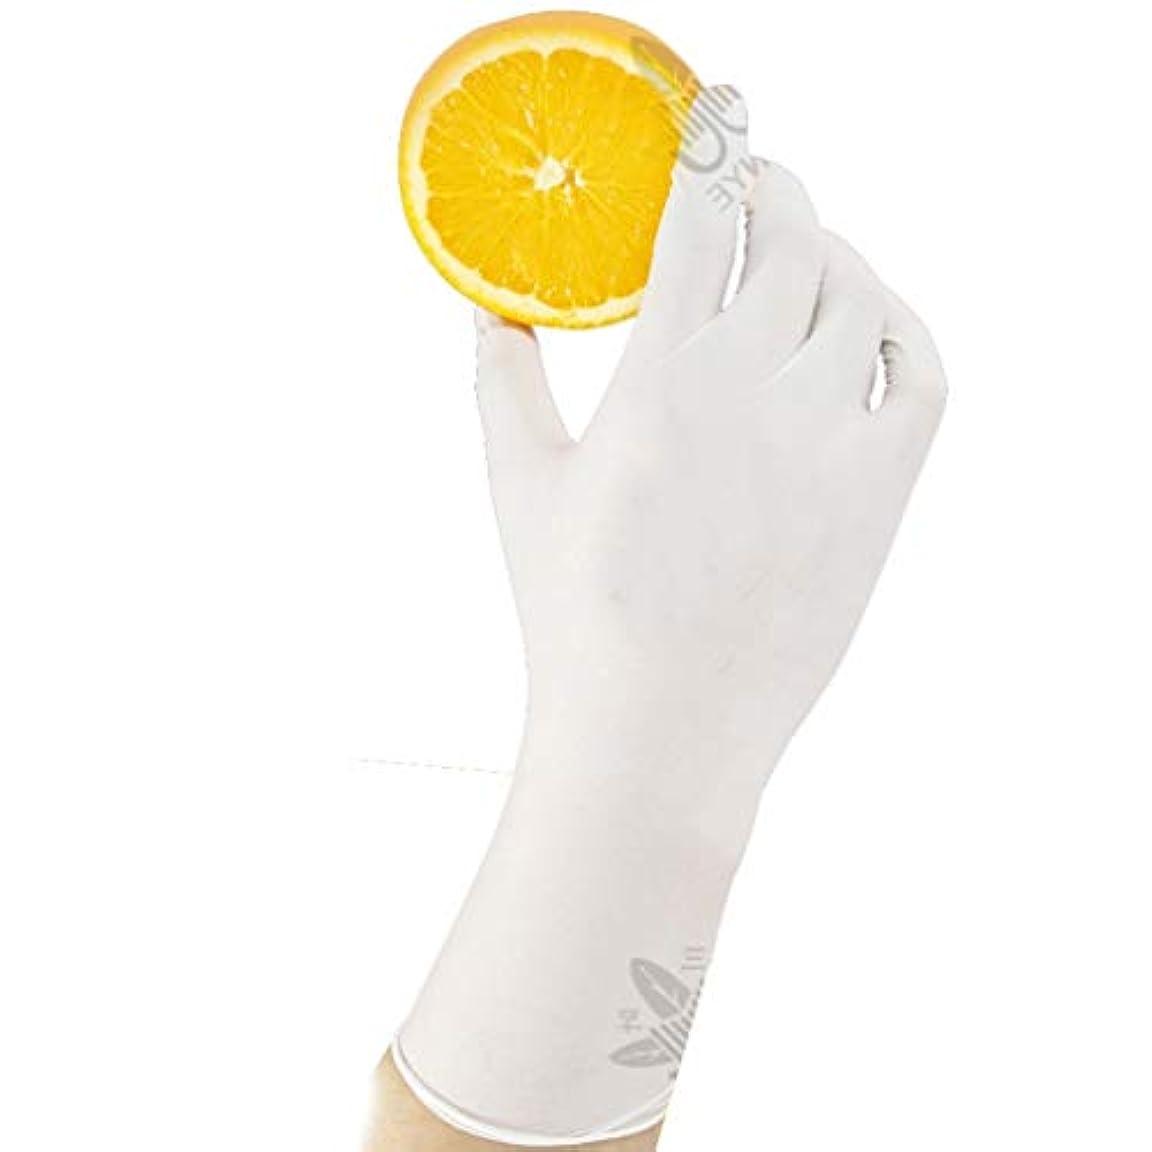 黄ばむ海洋の南Safeguard Nitri Disposable Gloves、パウダーフリー、食品用グローブ、ラテックスフリー、50-100 Pc。ディスペンサーパック、xs-xlサイズ (版 ばん : 50PCS, サイズ さいず...